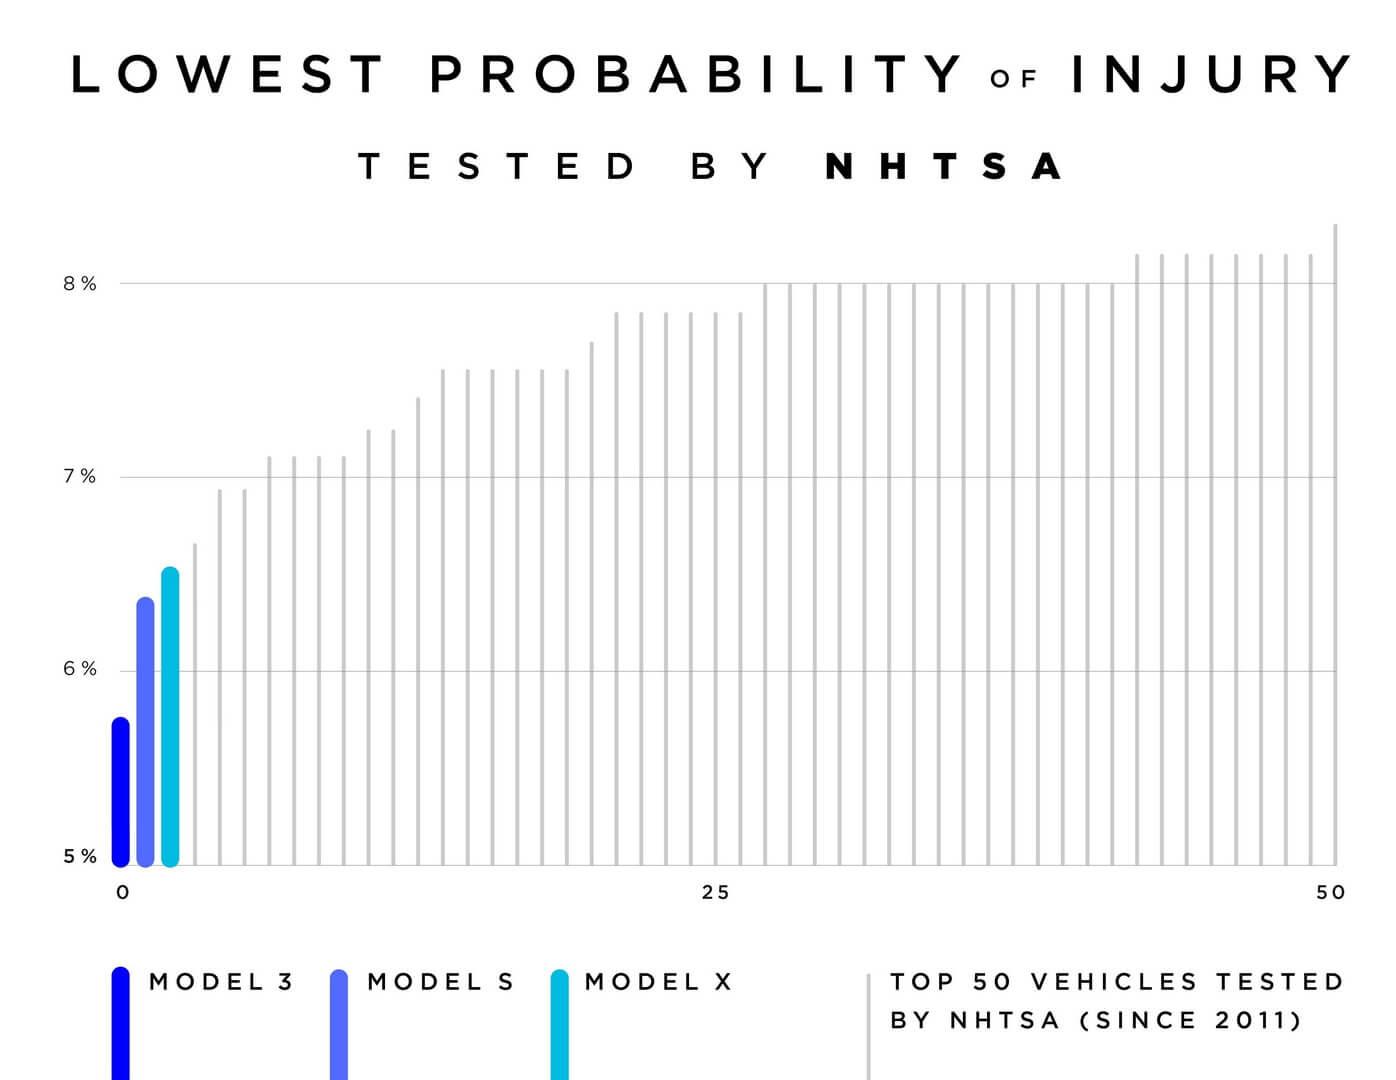 Три первых места самых безопасных автомобилей по рейтингу NHTSA занимают электромобили Tesla